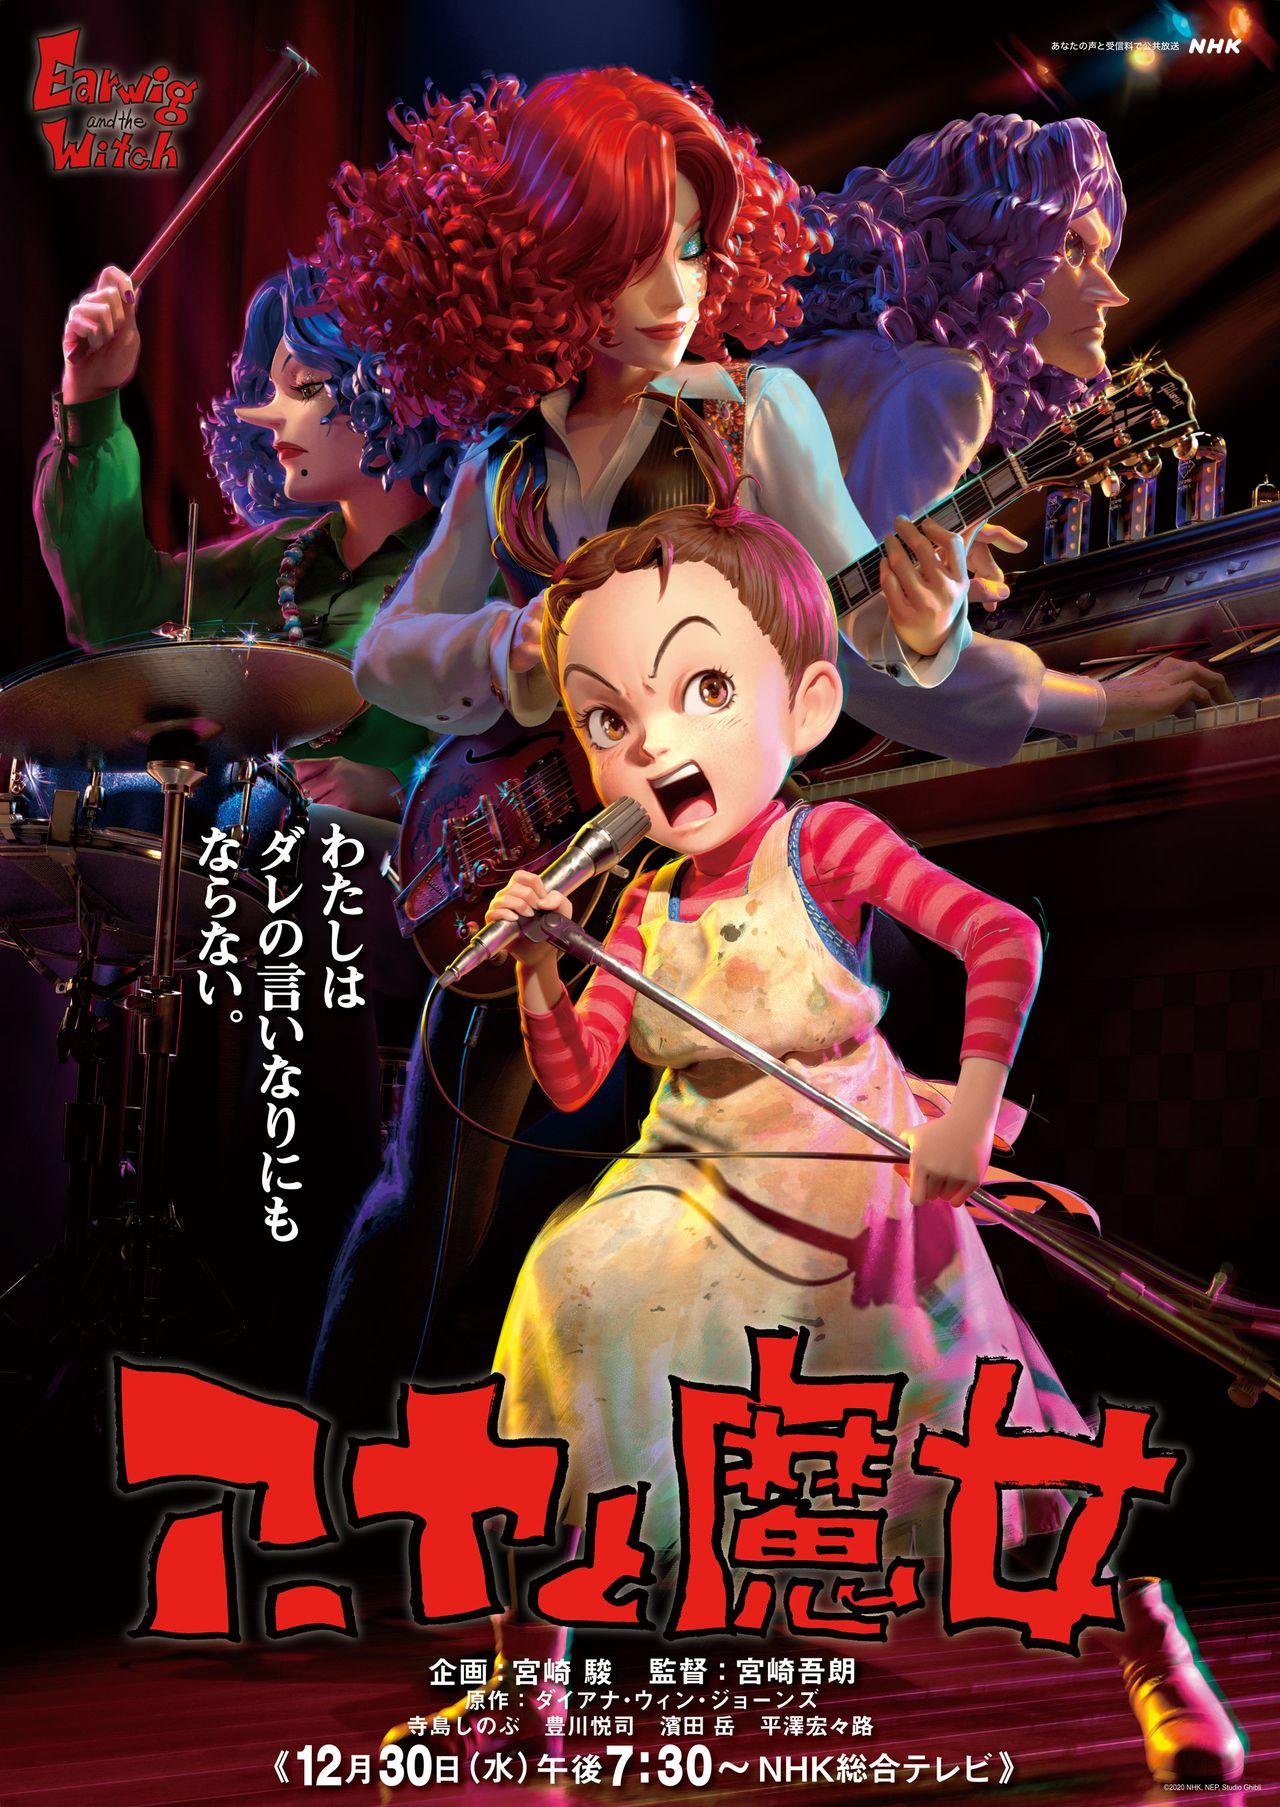 Плакат «Ая и ведьма» о премьере по NHK (©2020 NHK, NEP, Studio Ghibli)